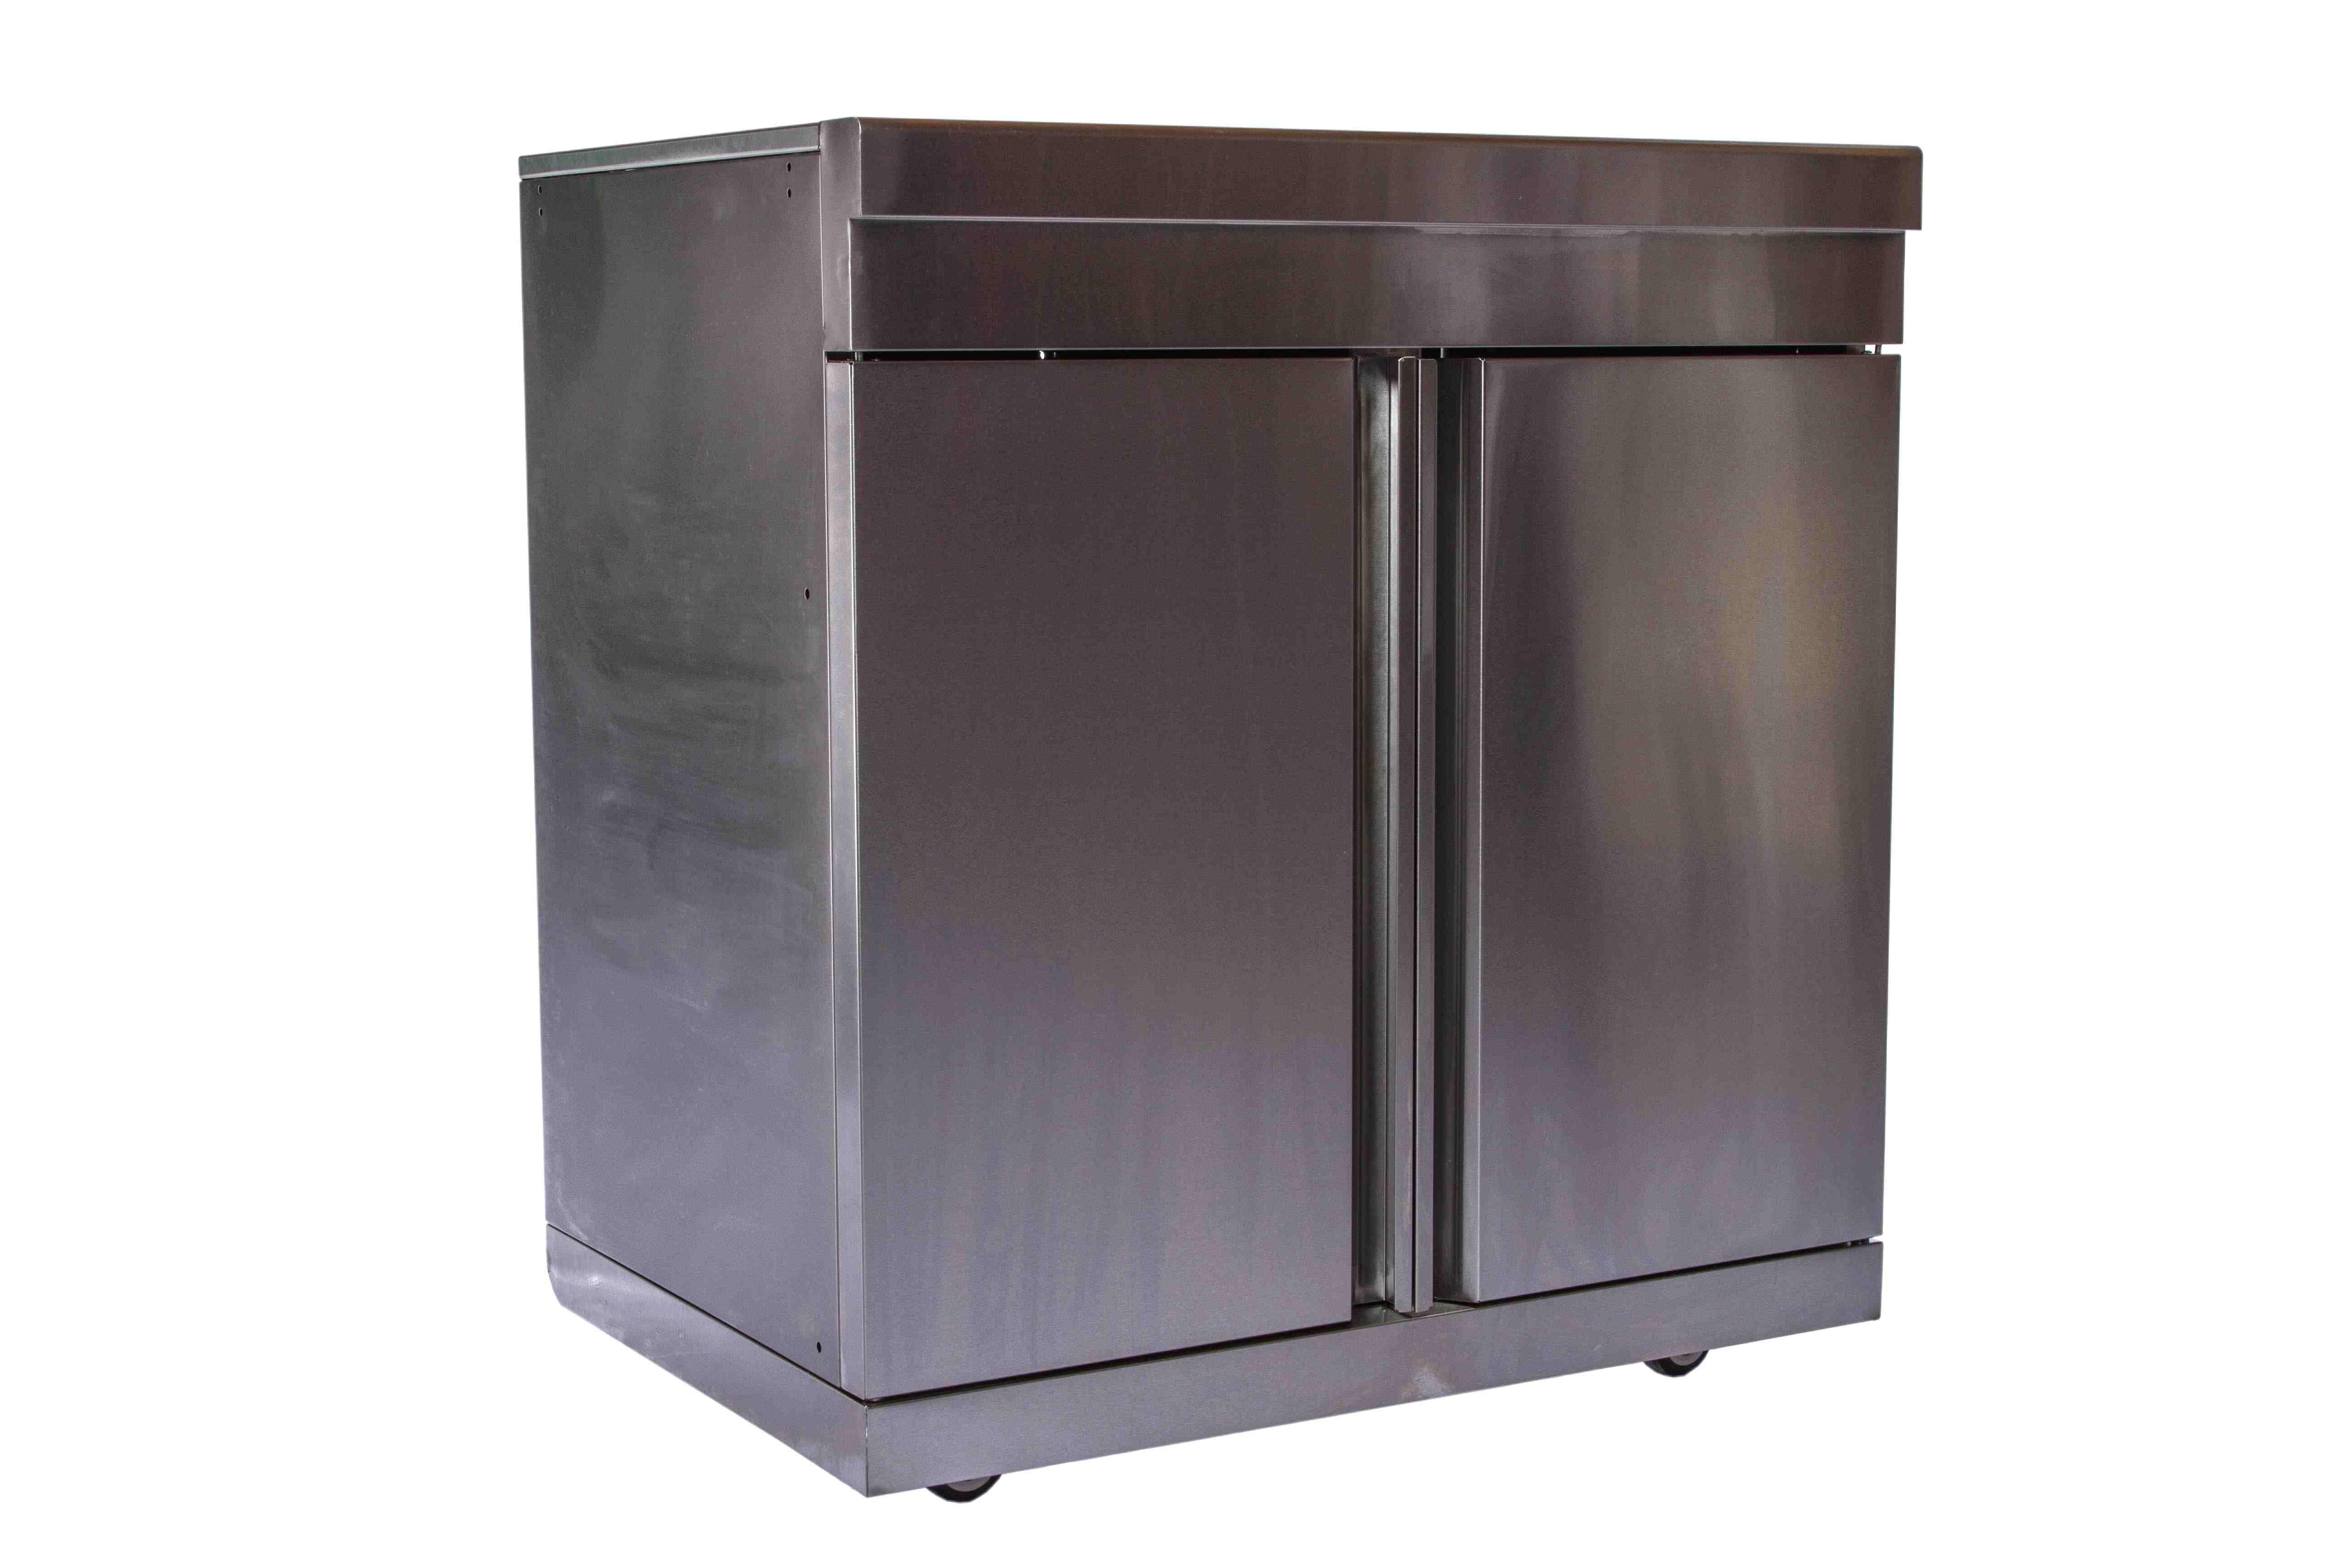 Küche Kabinett hardware aus rostfreiem Stahl - Nachdem beschlossen ...